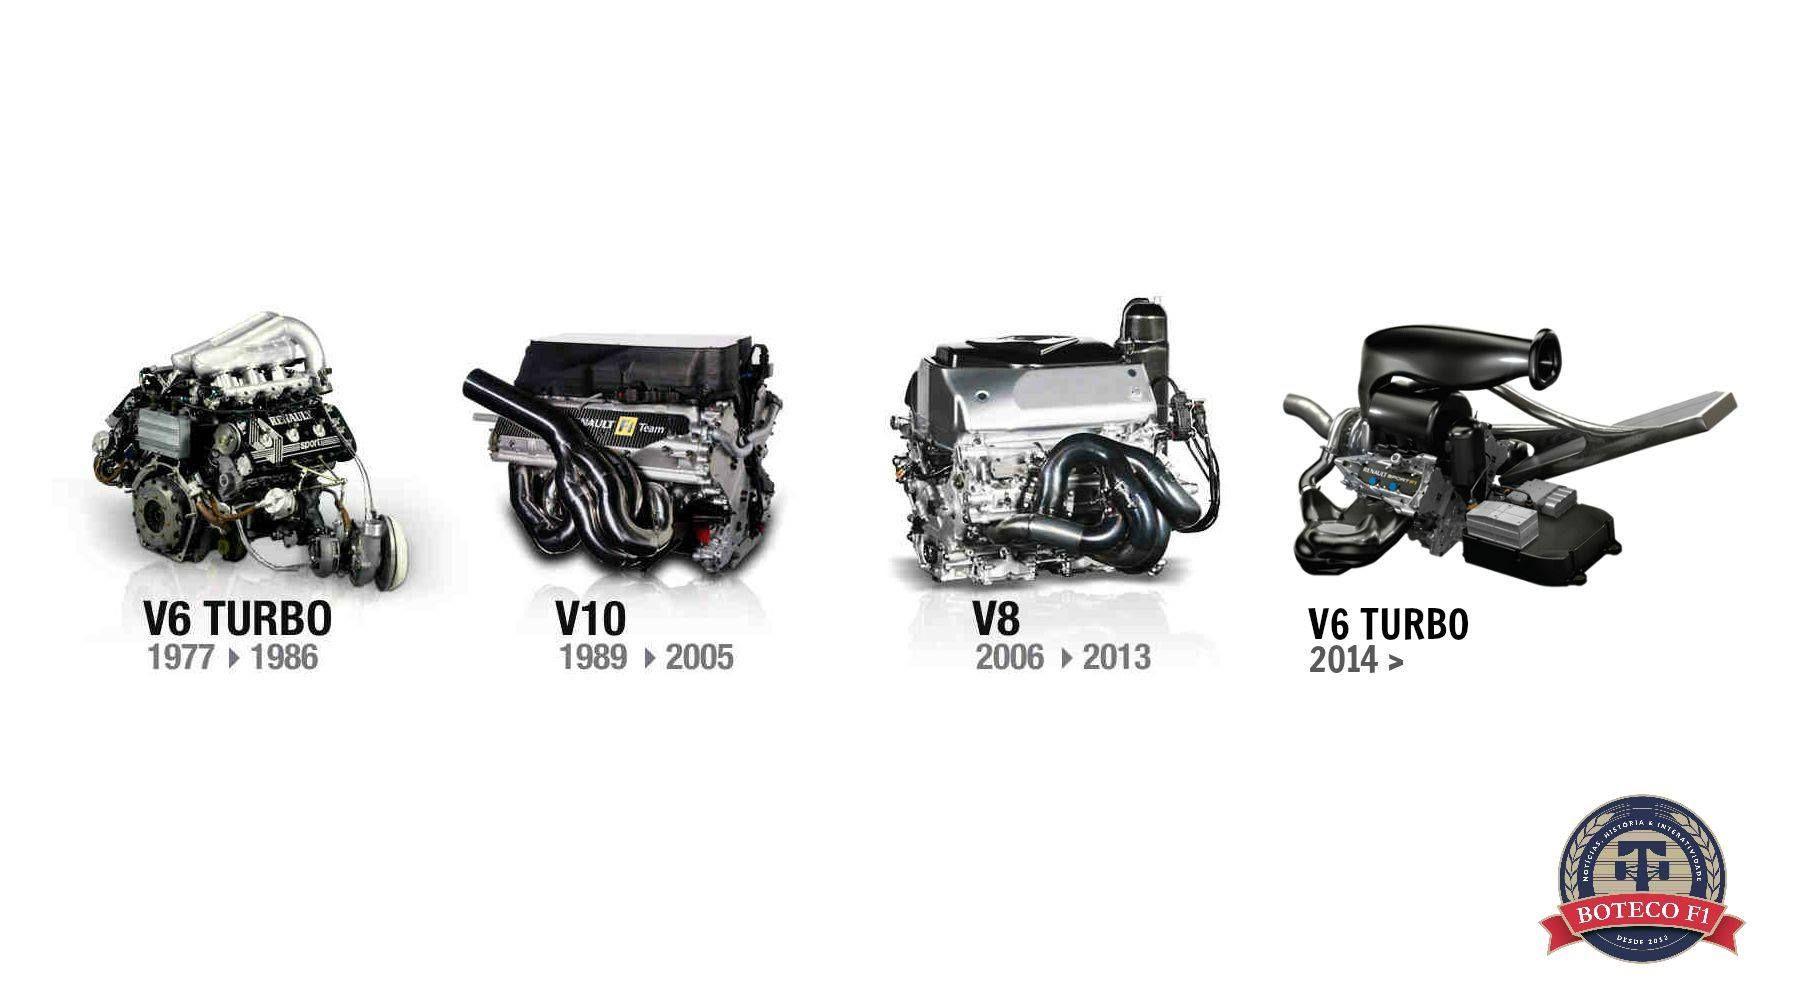 évolution du moteur de F1 Renault (1977 à 2014)